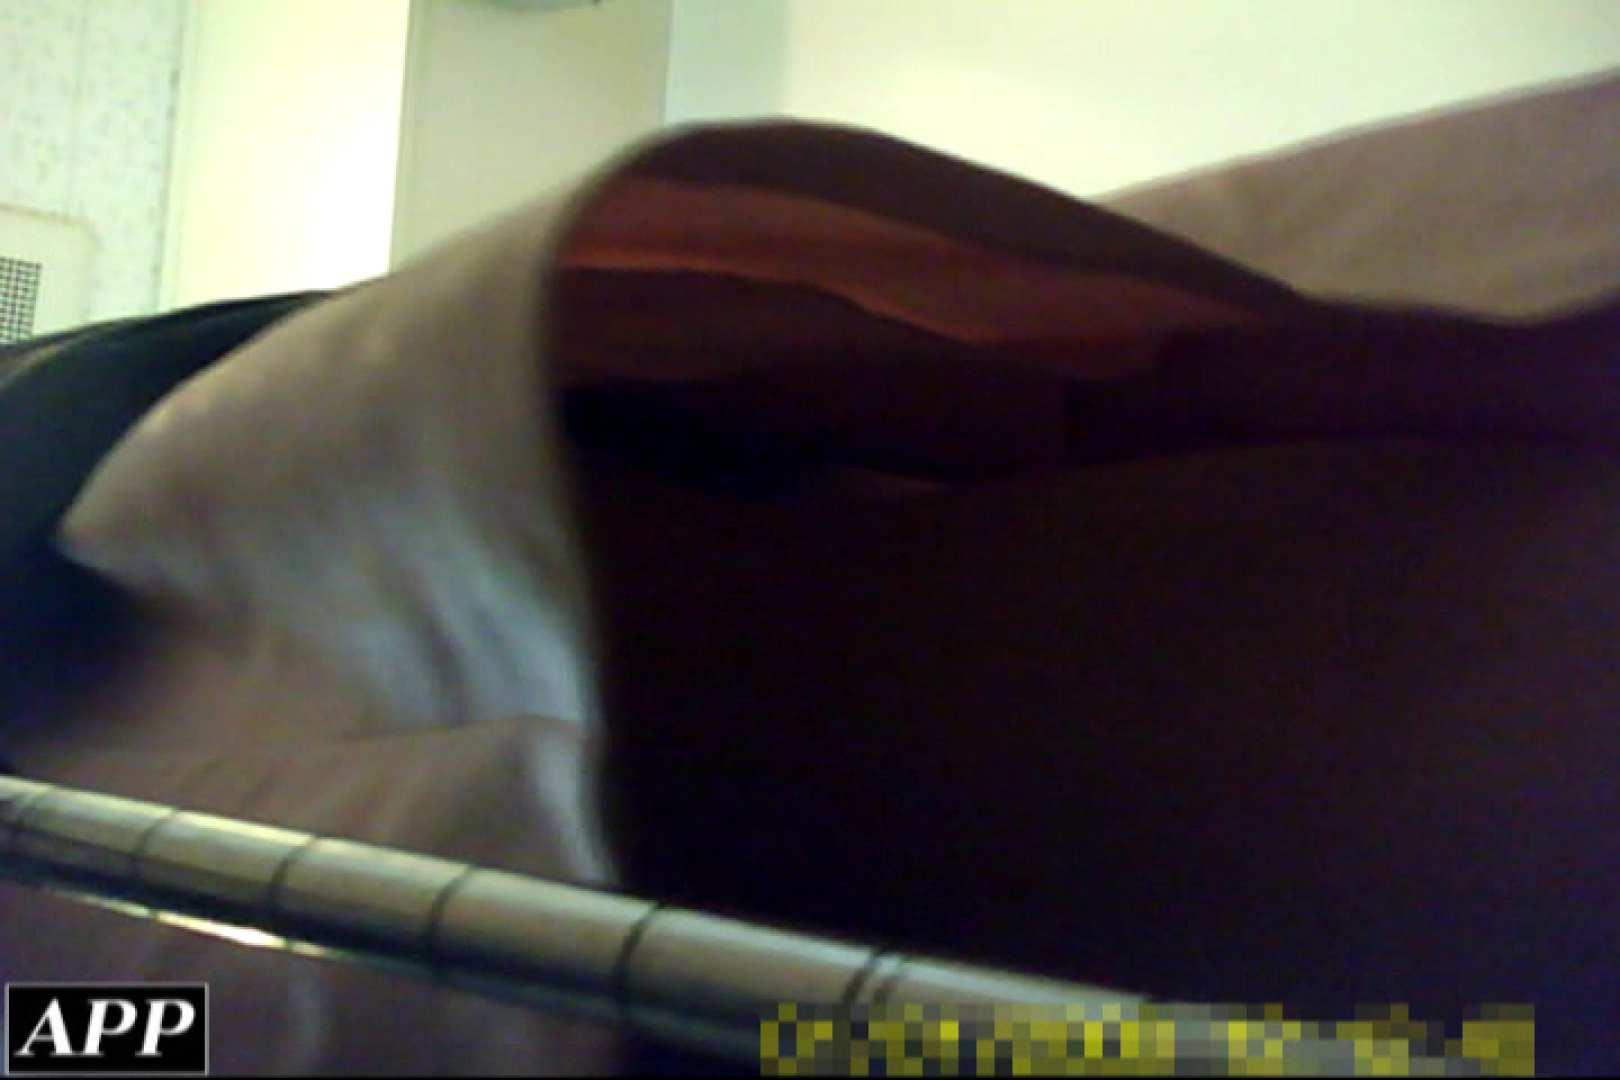 3視点洗面所 vol.21 洗面所のぞき AV動画キャプチャ 89枚 25